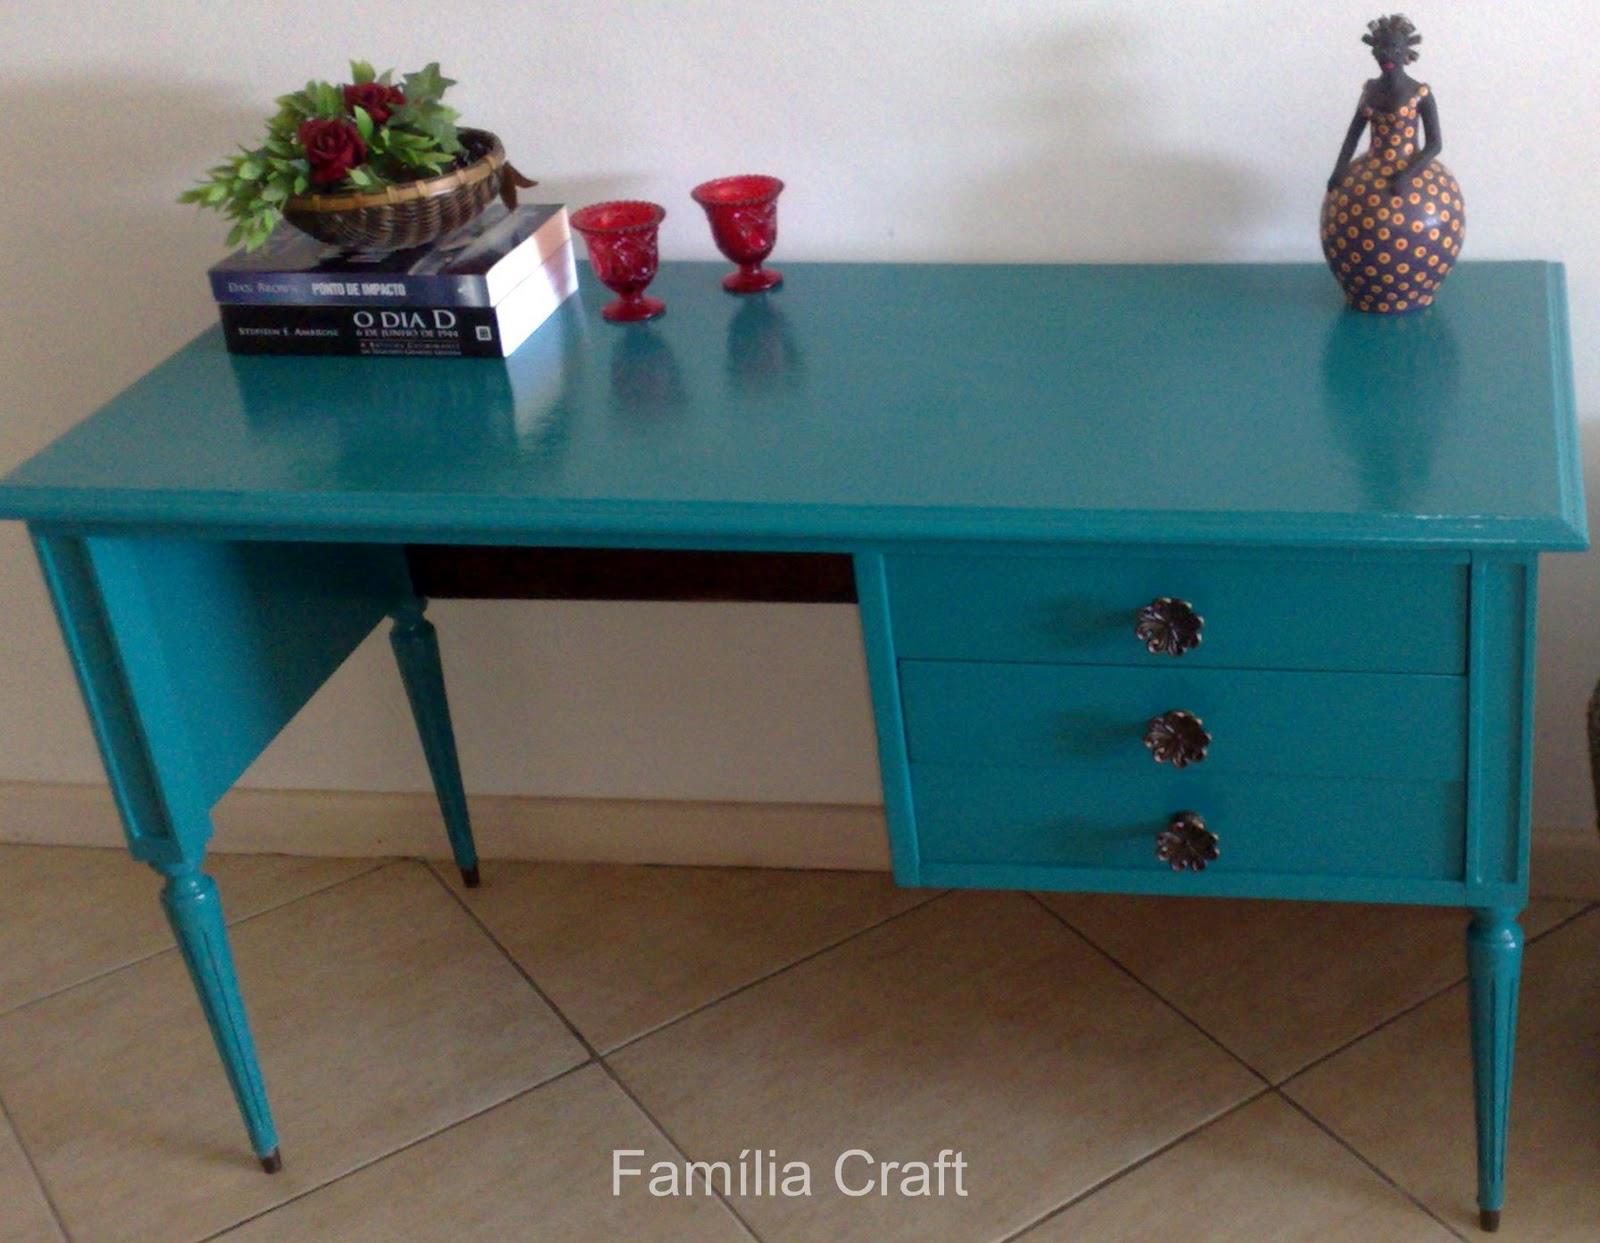 Pintura azul nela! Garantia de puro glamour! #09505E 1600x1243